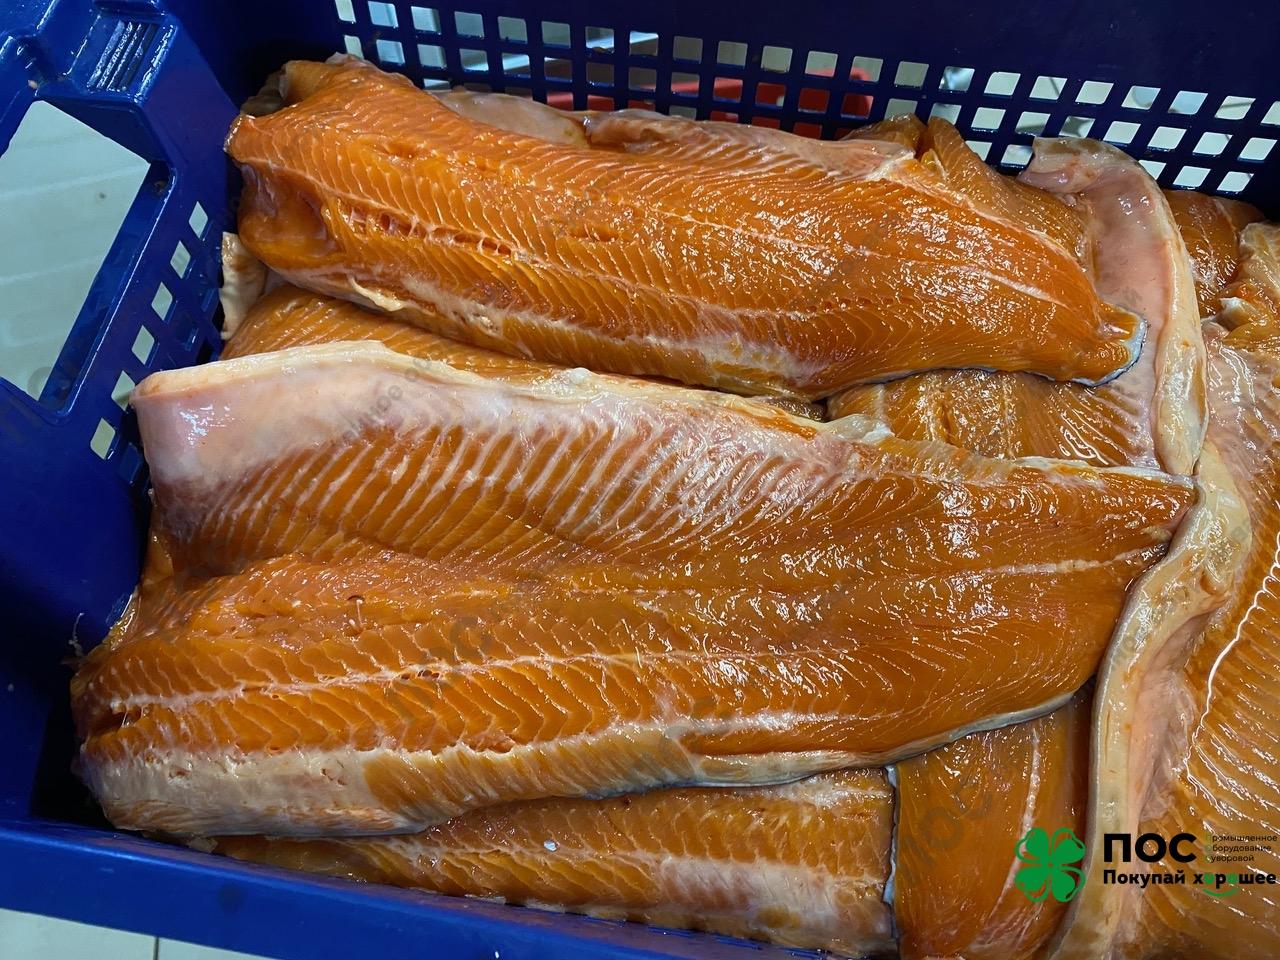 9.10.2020 / Супер инъектор с тонкими иглами для красной рыбы. Понравилось и купили 2-й.